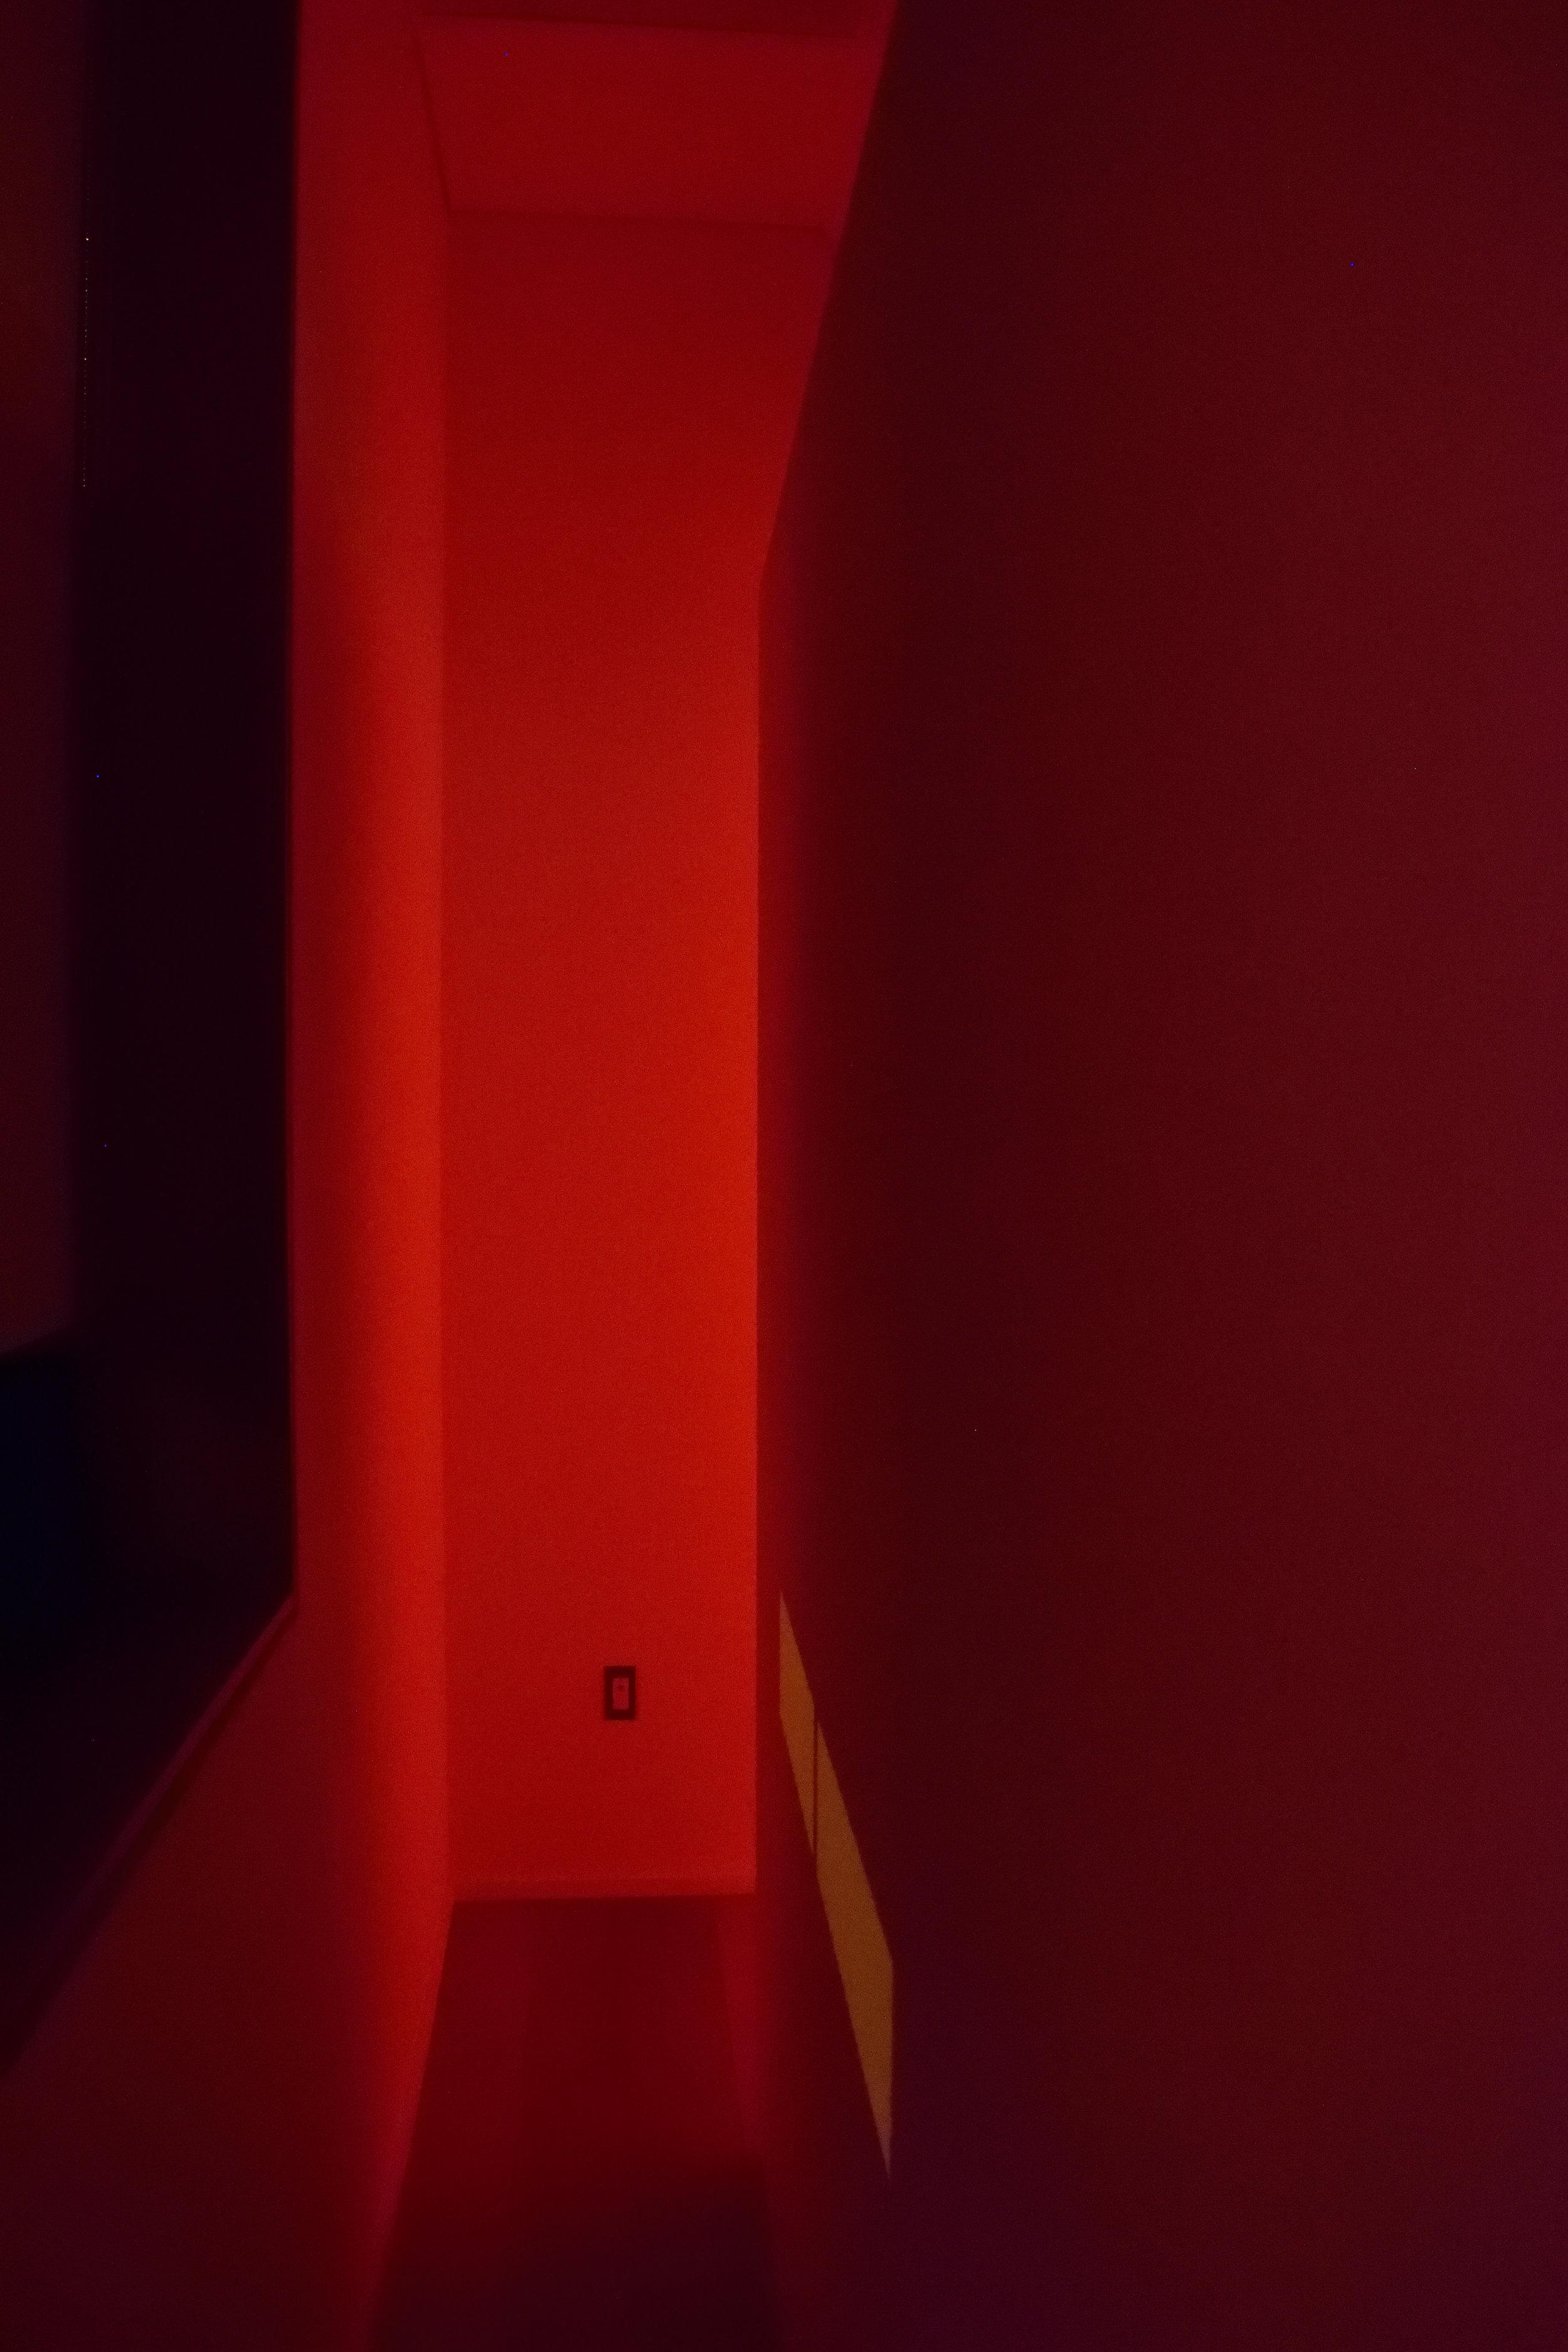 red008.jpg